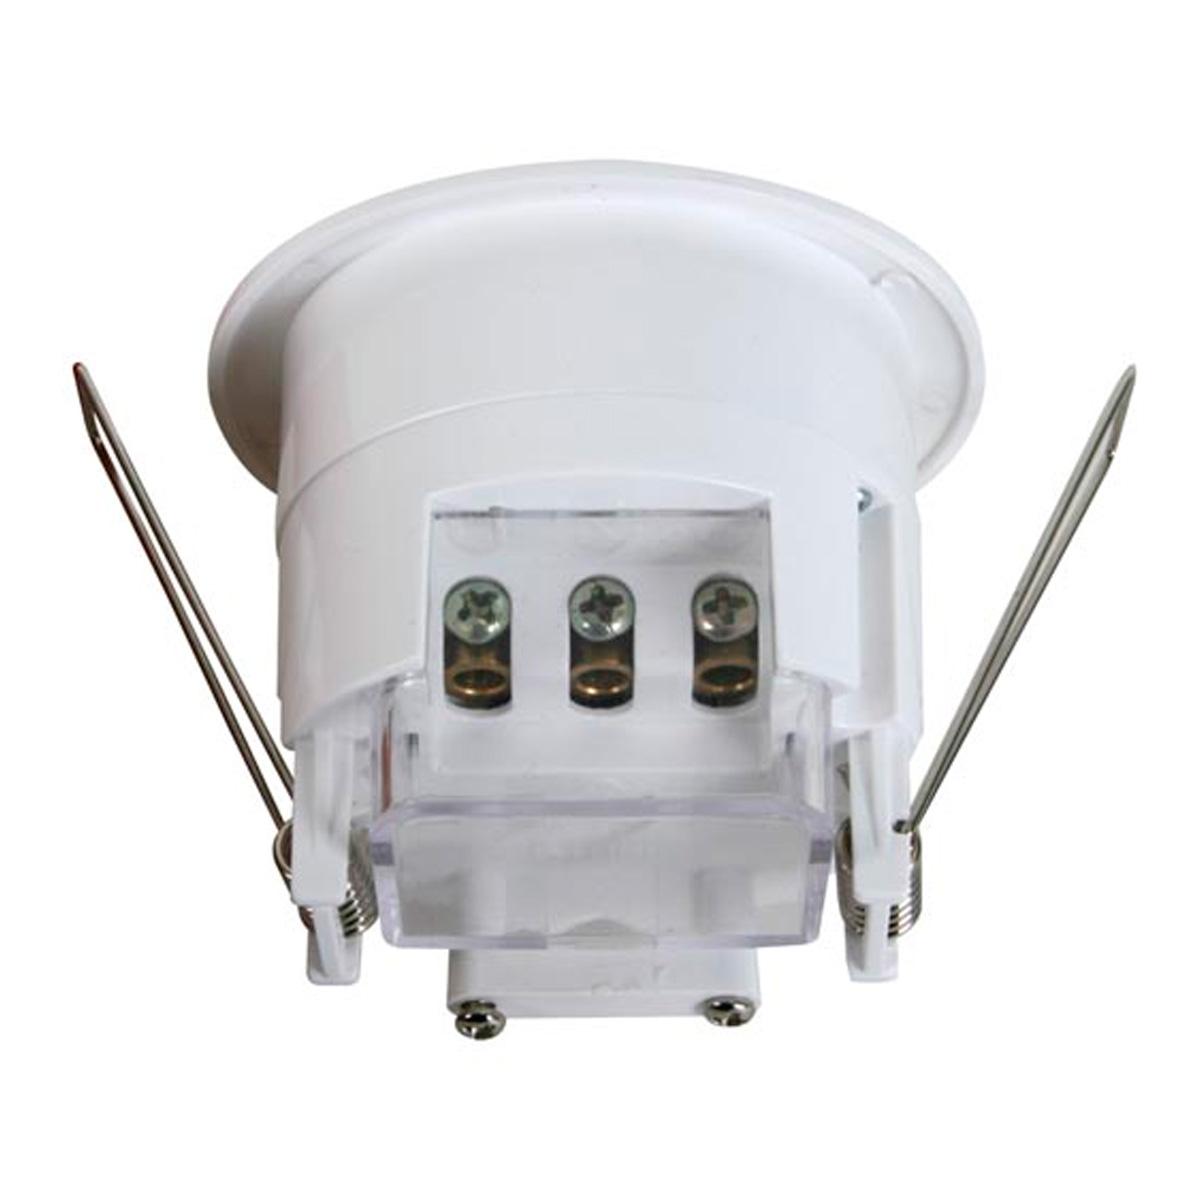 Detector de movimientos pir para techo alarmas - Detector de movimiento ...